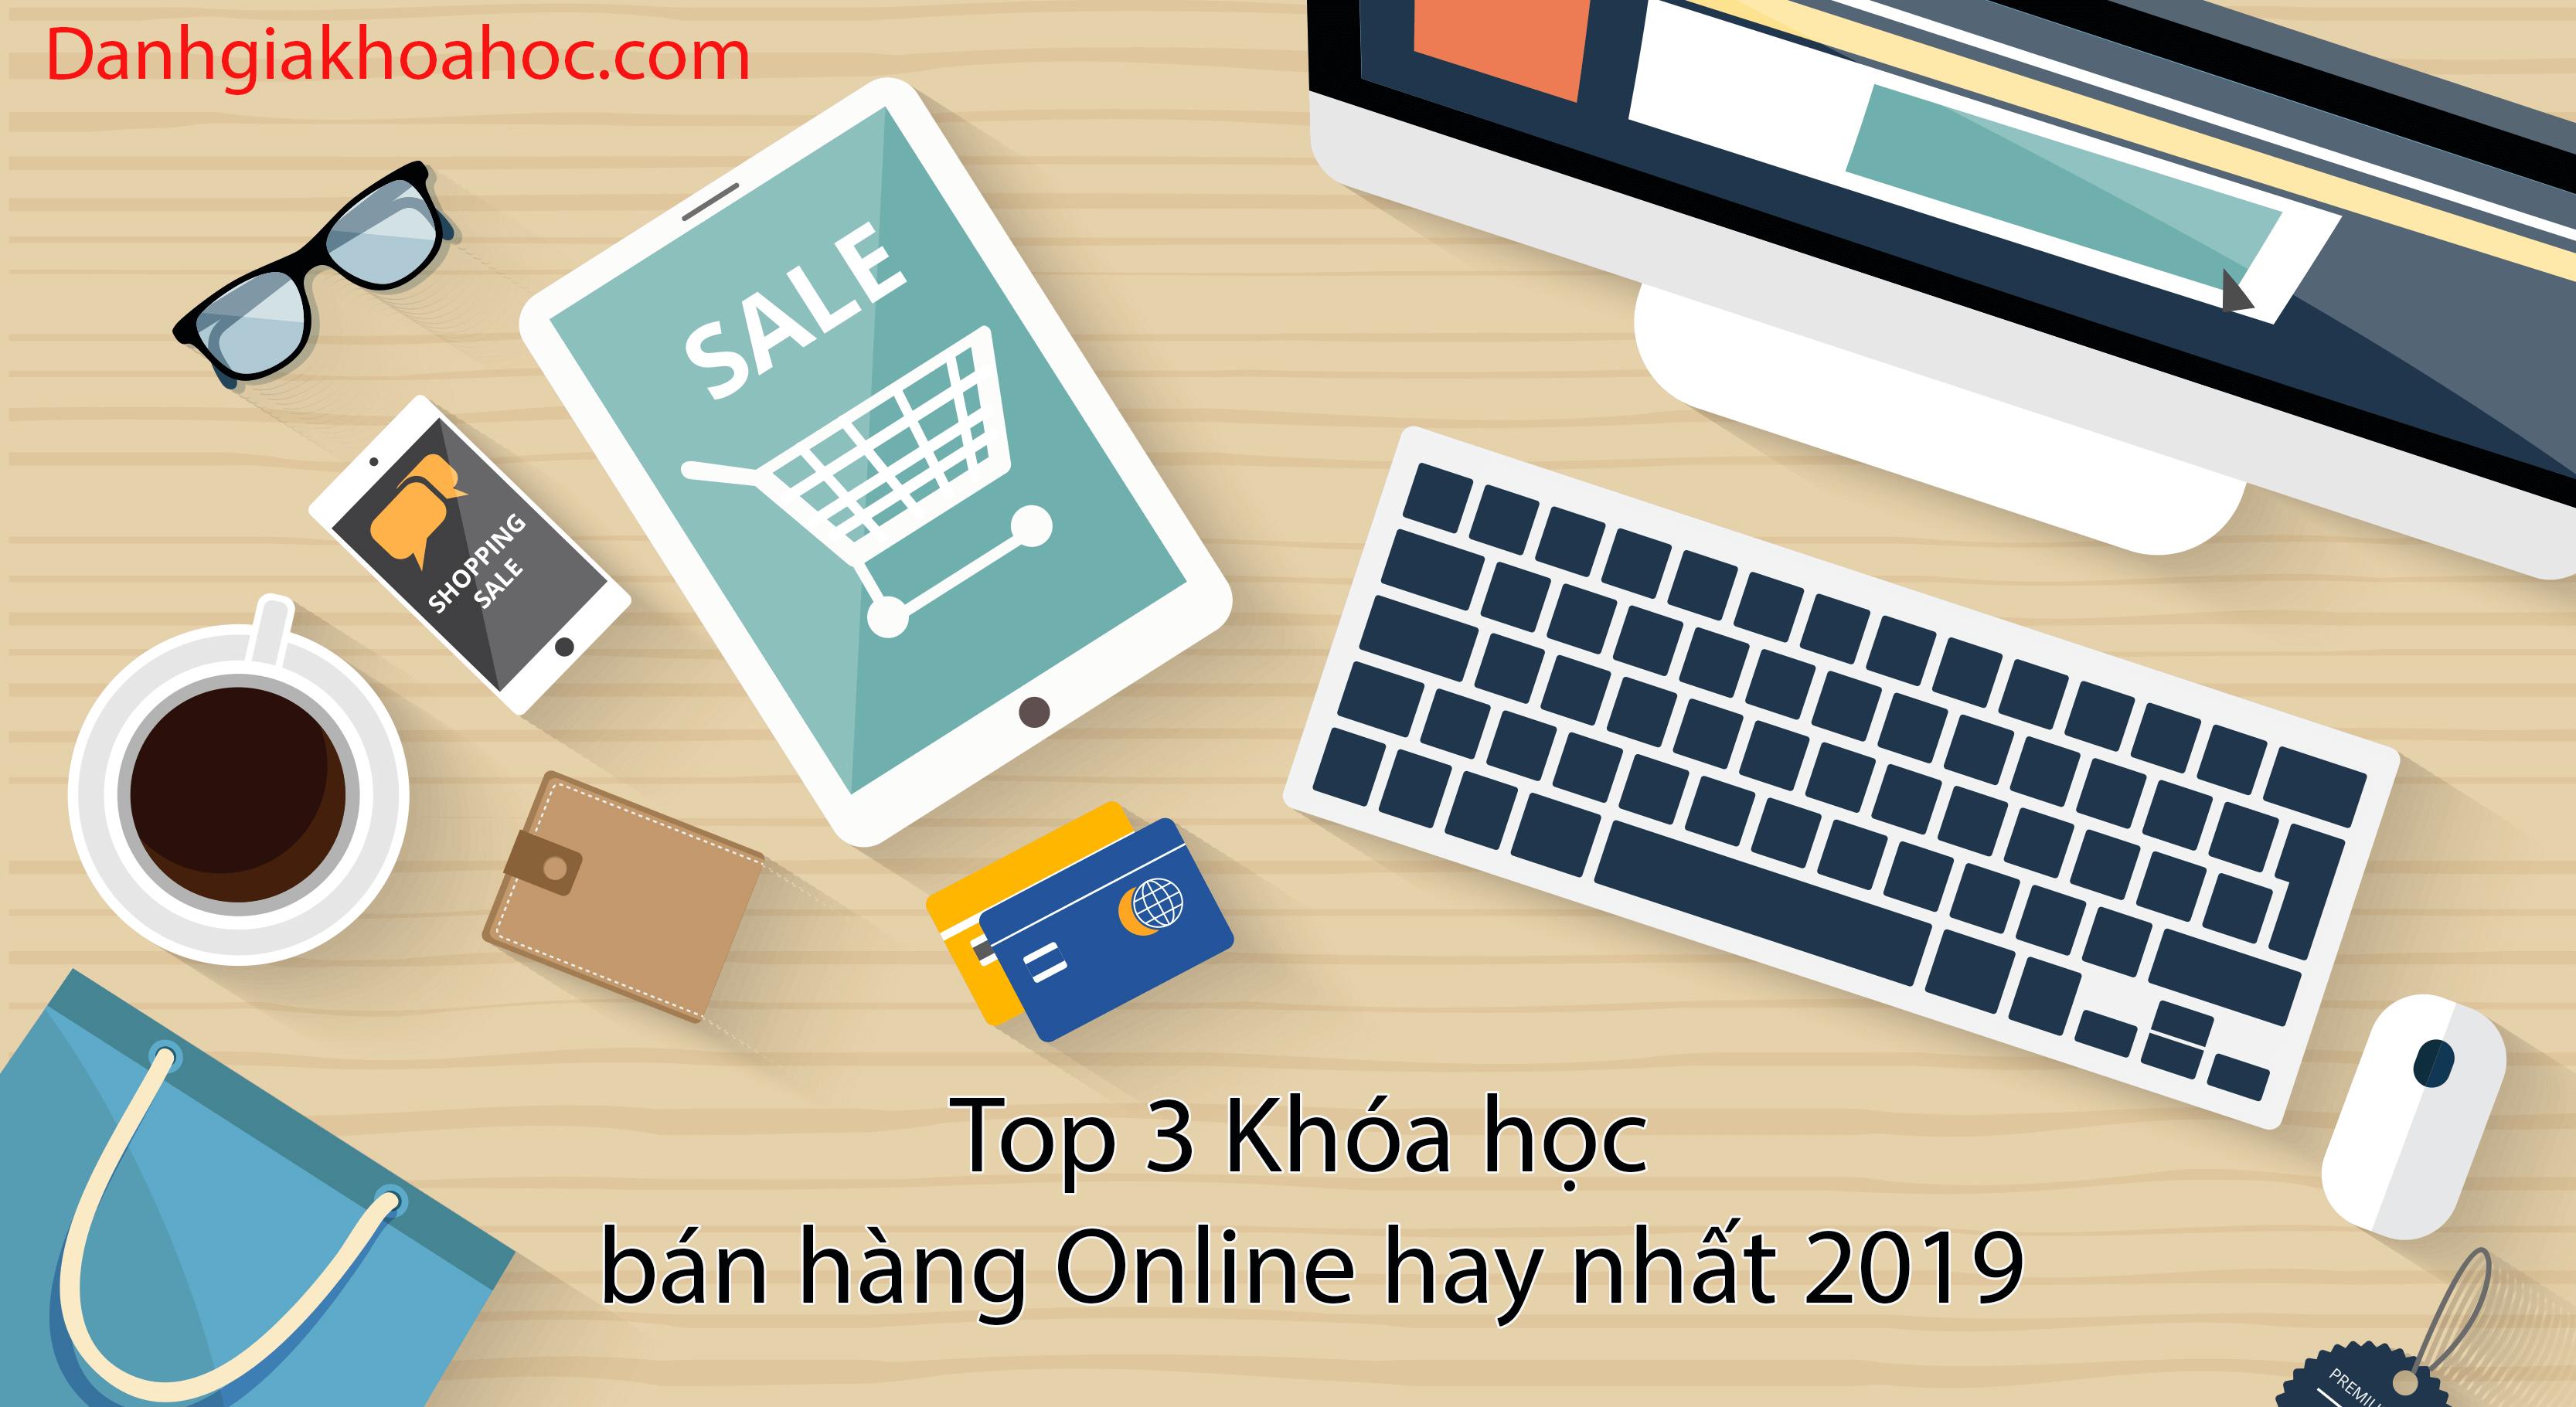 Top 3 Khóa học bán hàng Online hay nhất 2019